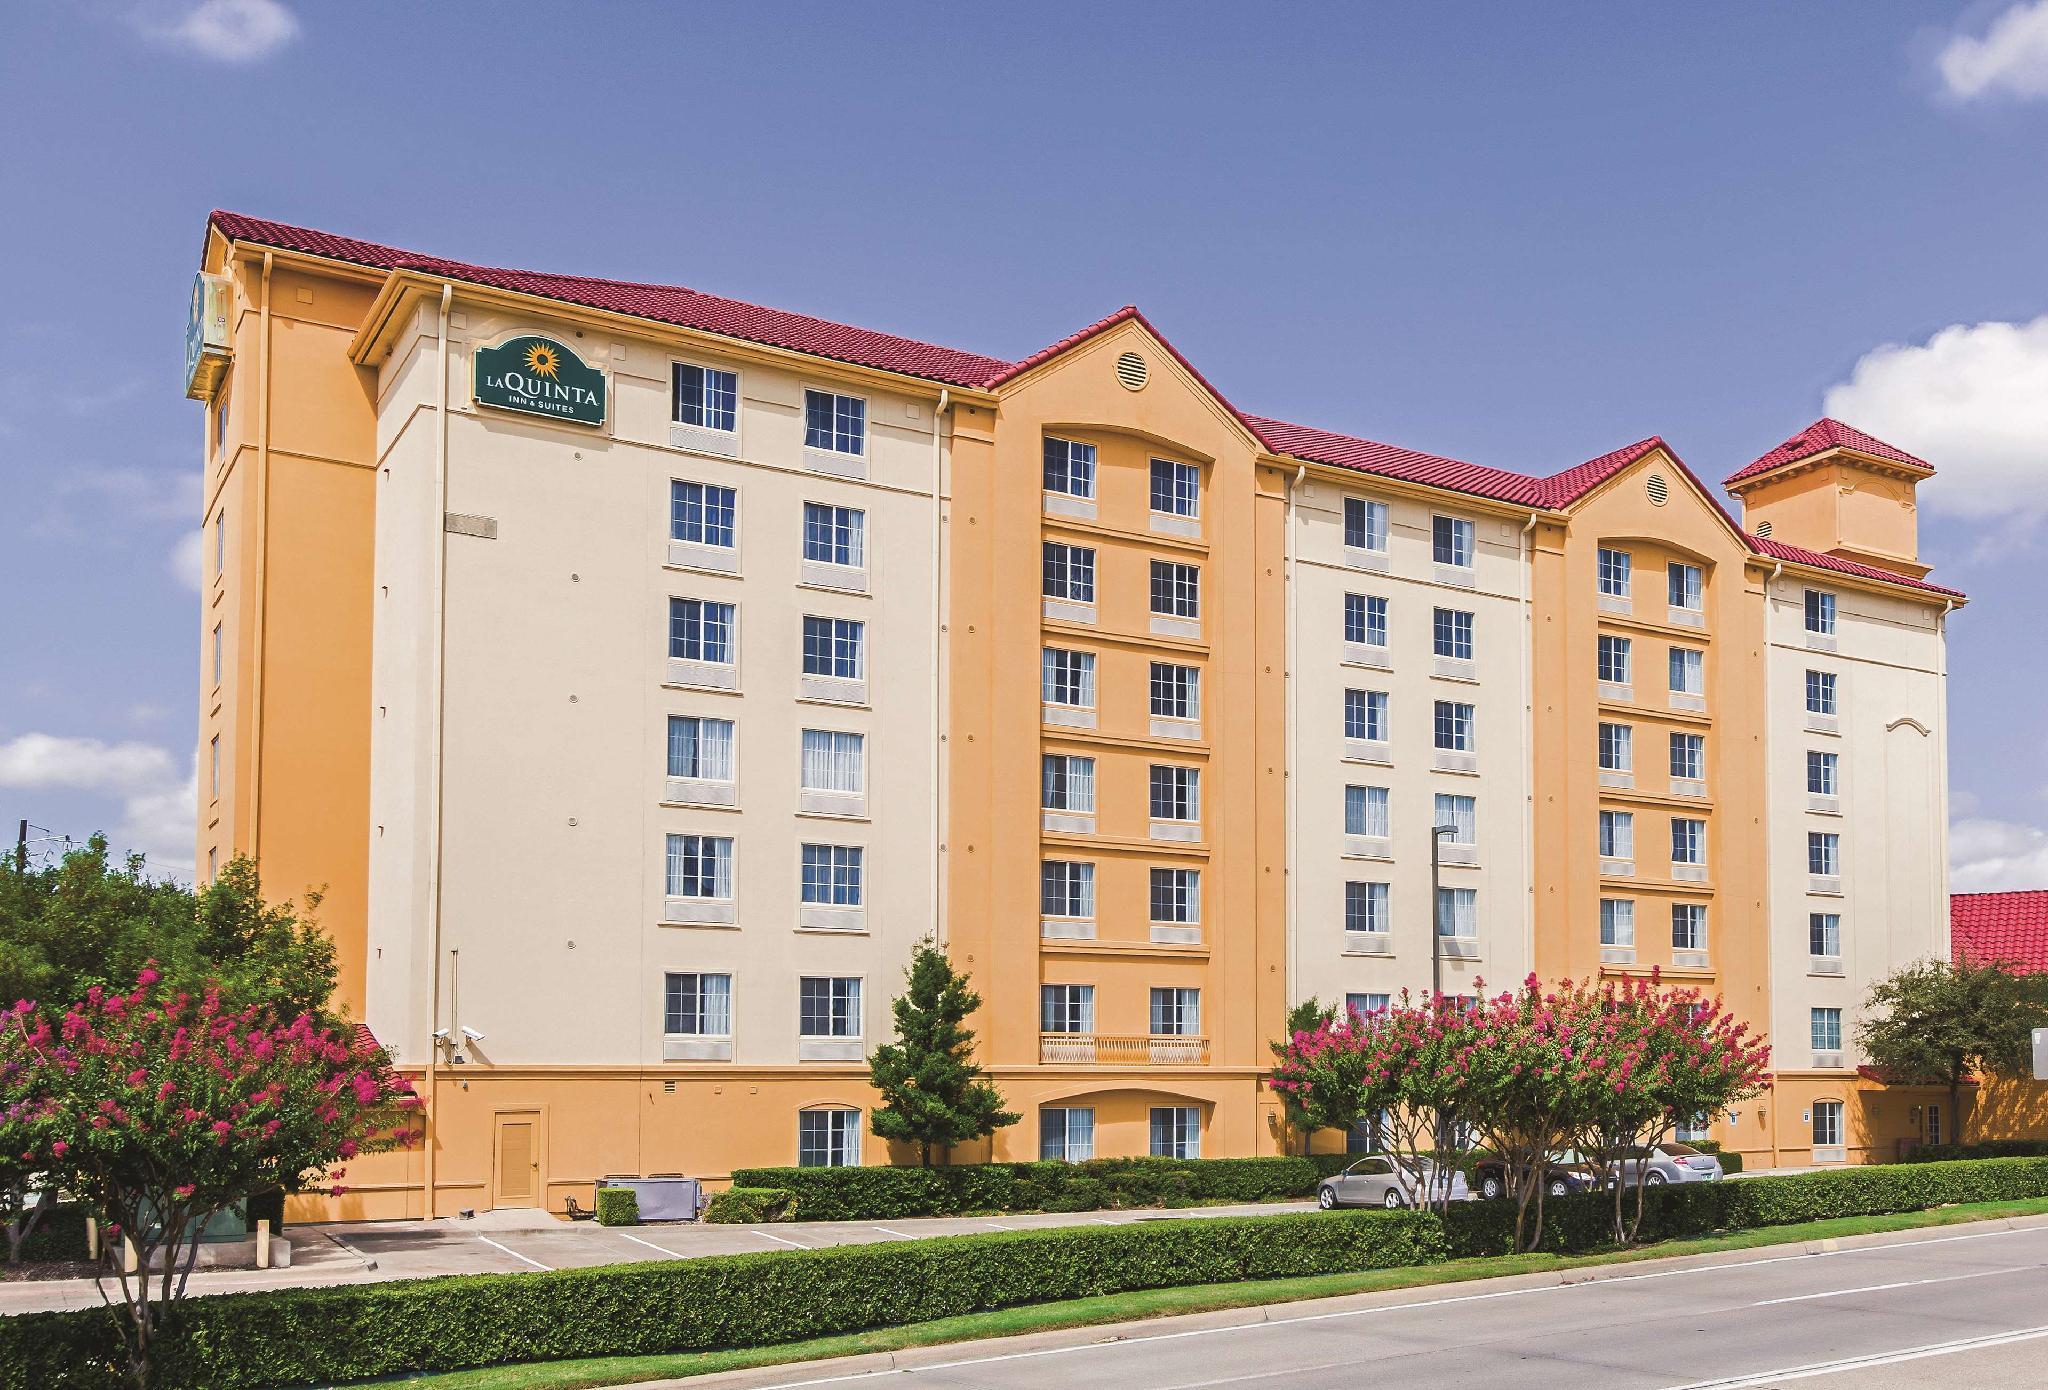 La Quinta Inn And Suites By Wyndham Dallas North Central